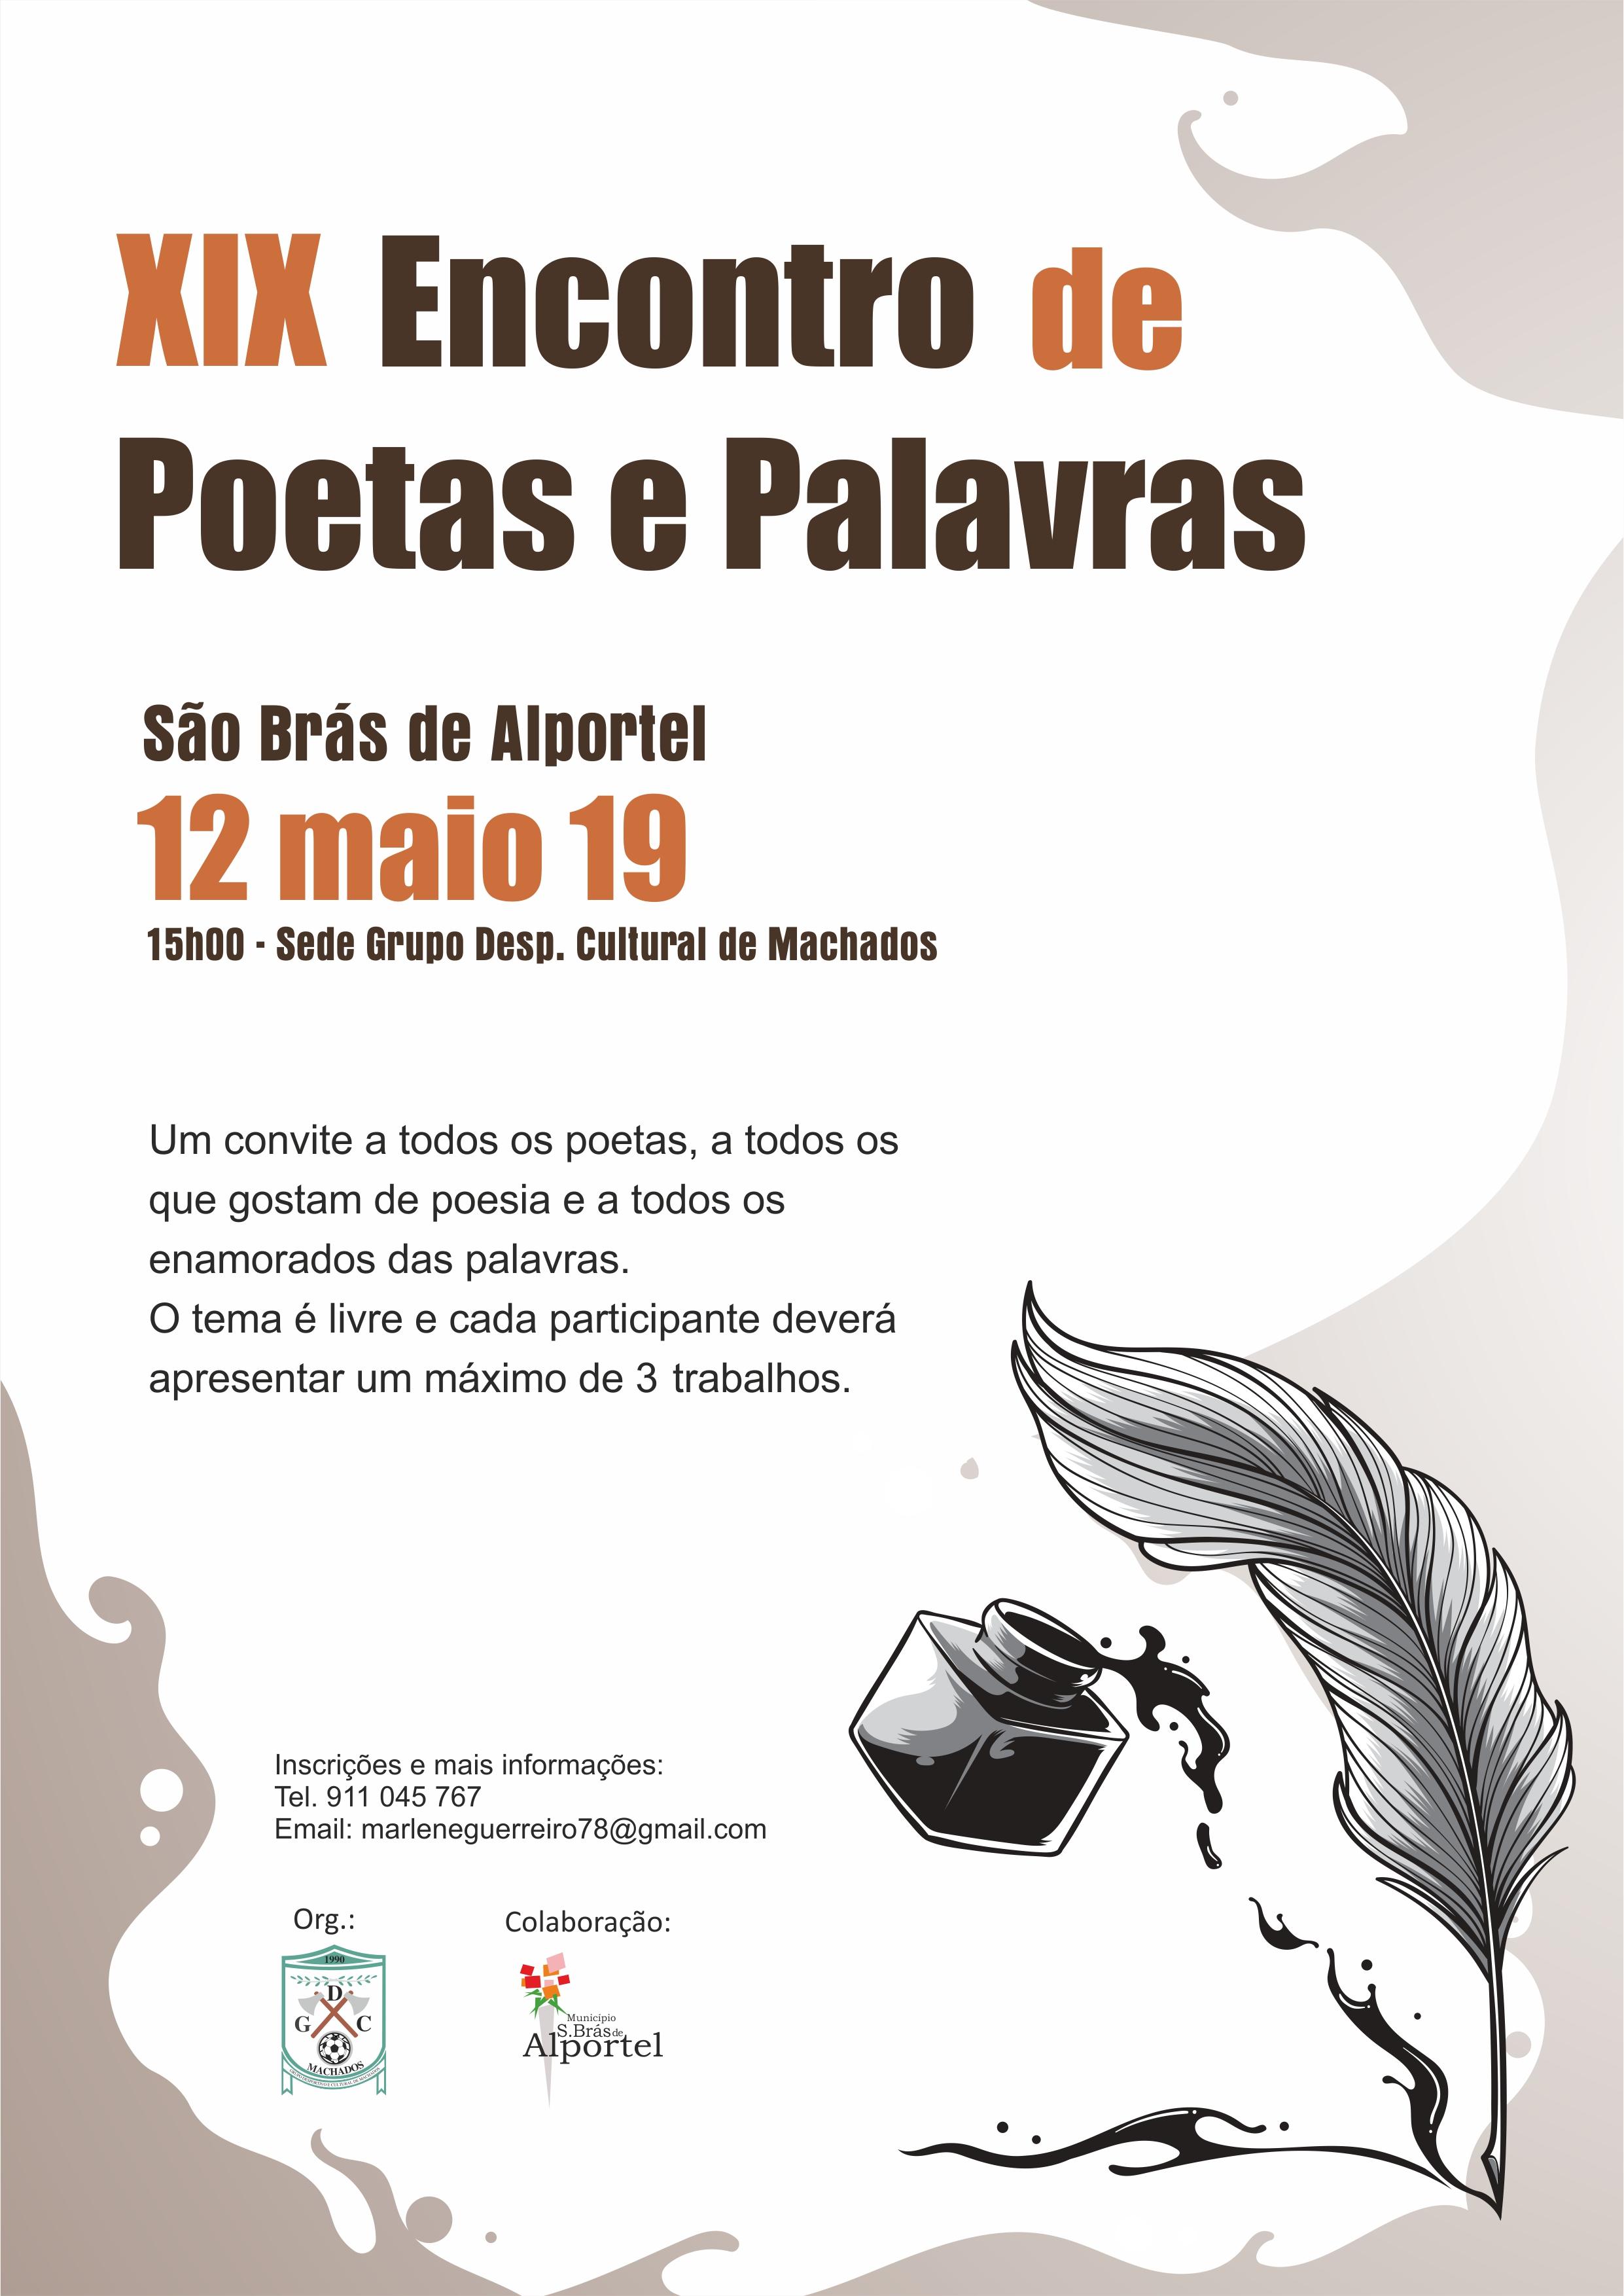 cartaz do XIX encontro de poetas e palavras